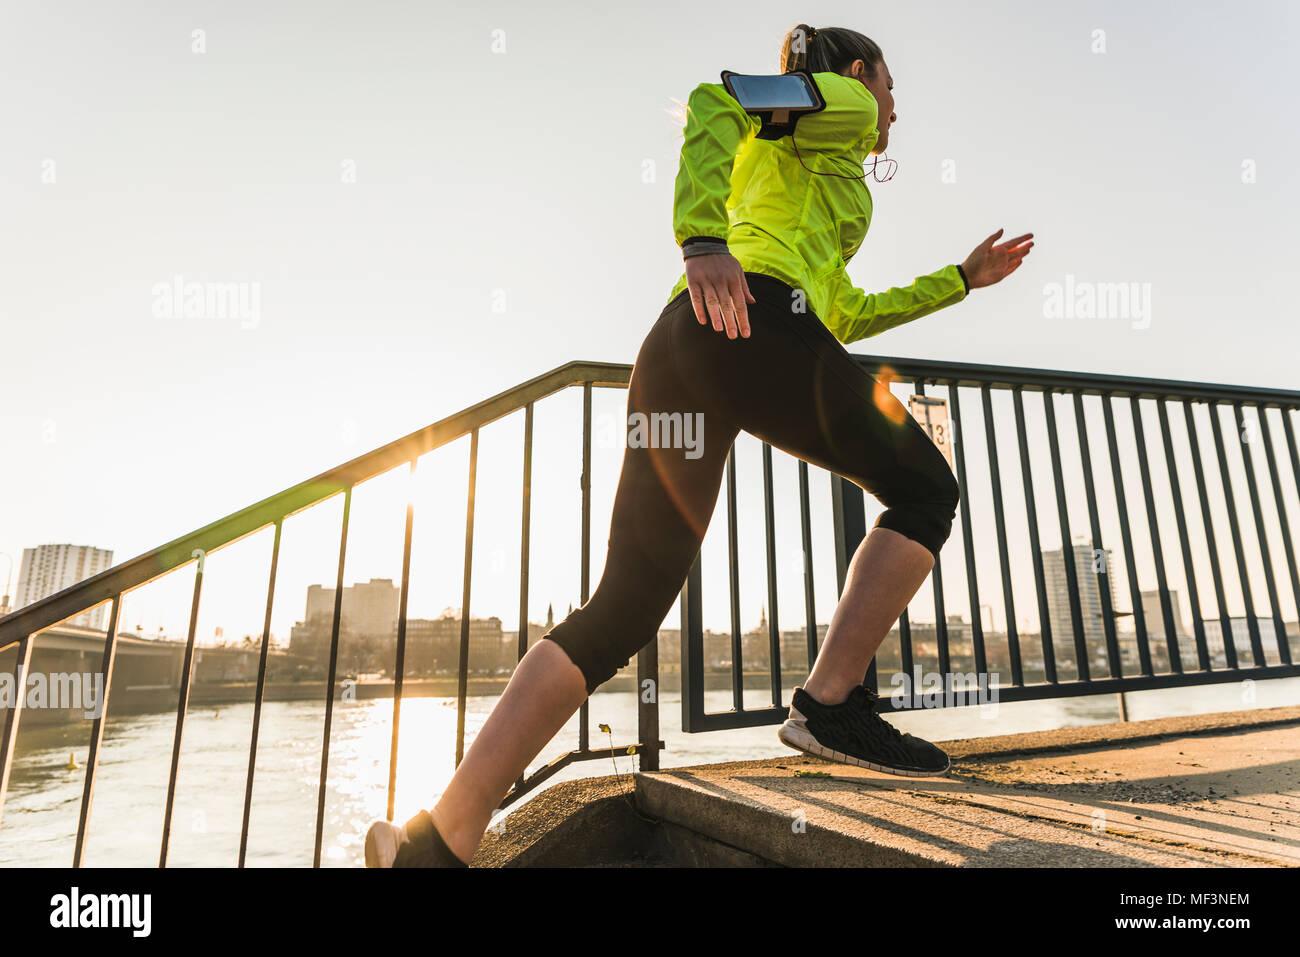 Jeune femme en marche vers le haut des escaliers à une rivière Photo Stock